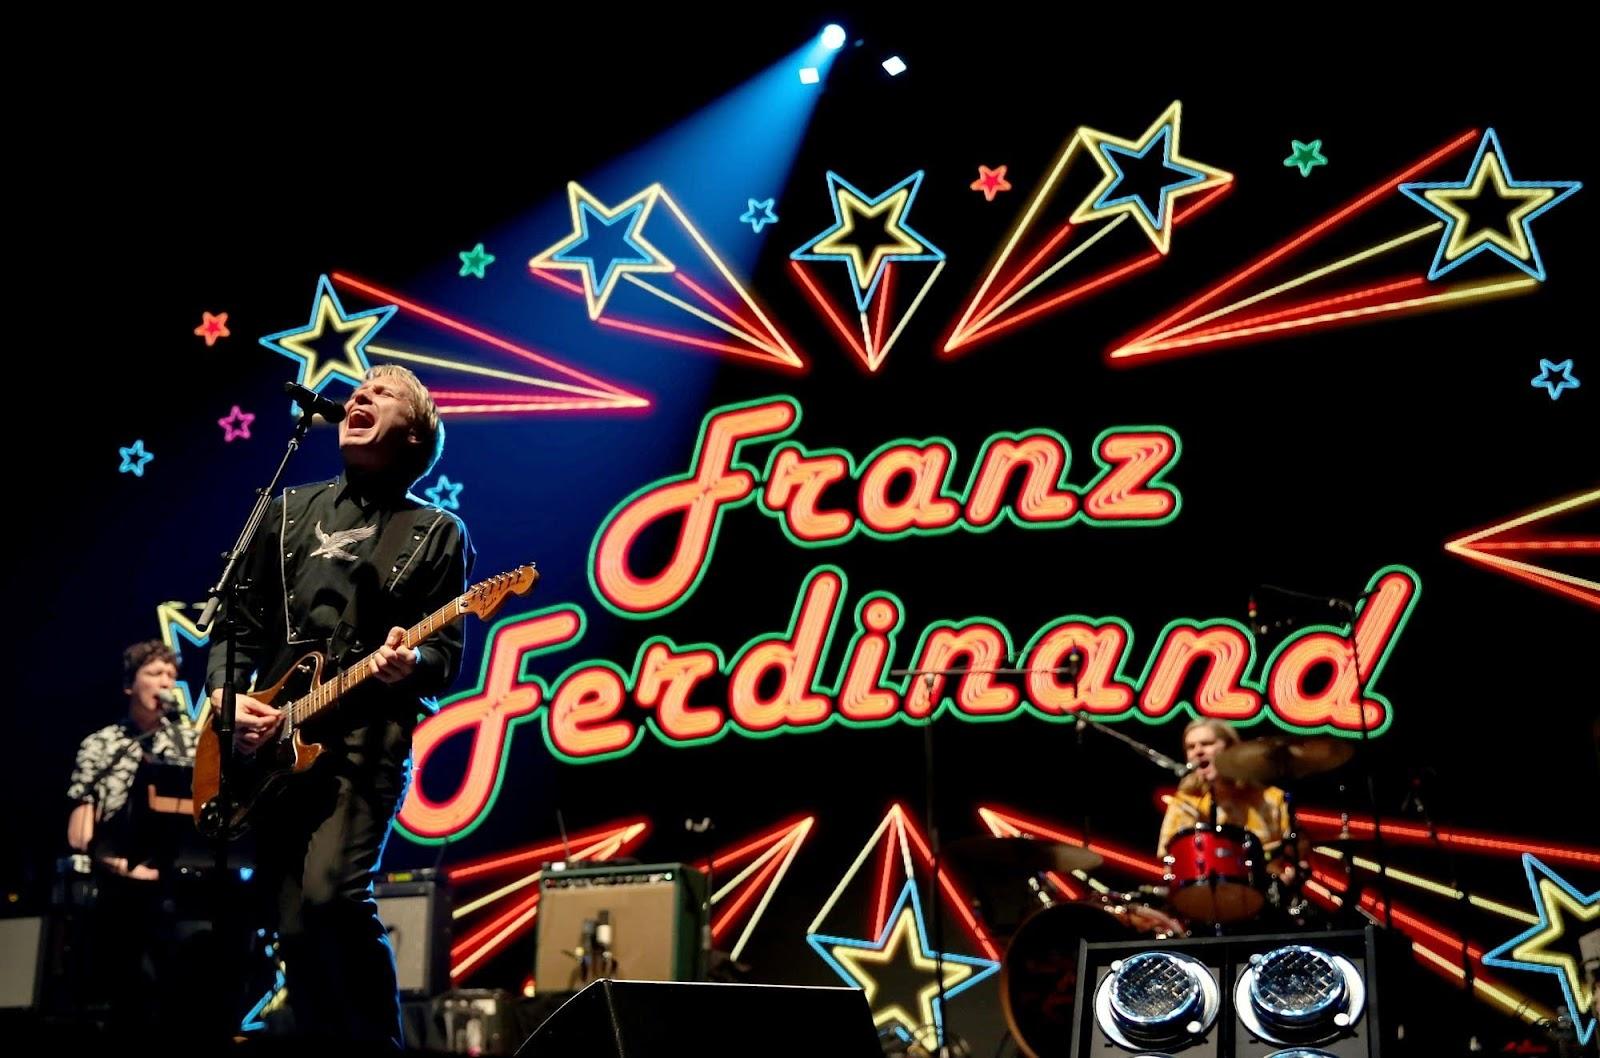 Del mejor al peor disco: Franz Ferdinand - Dark Impala